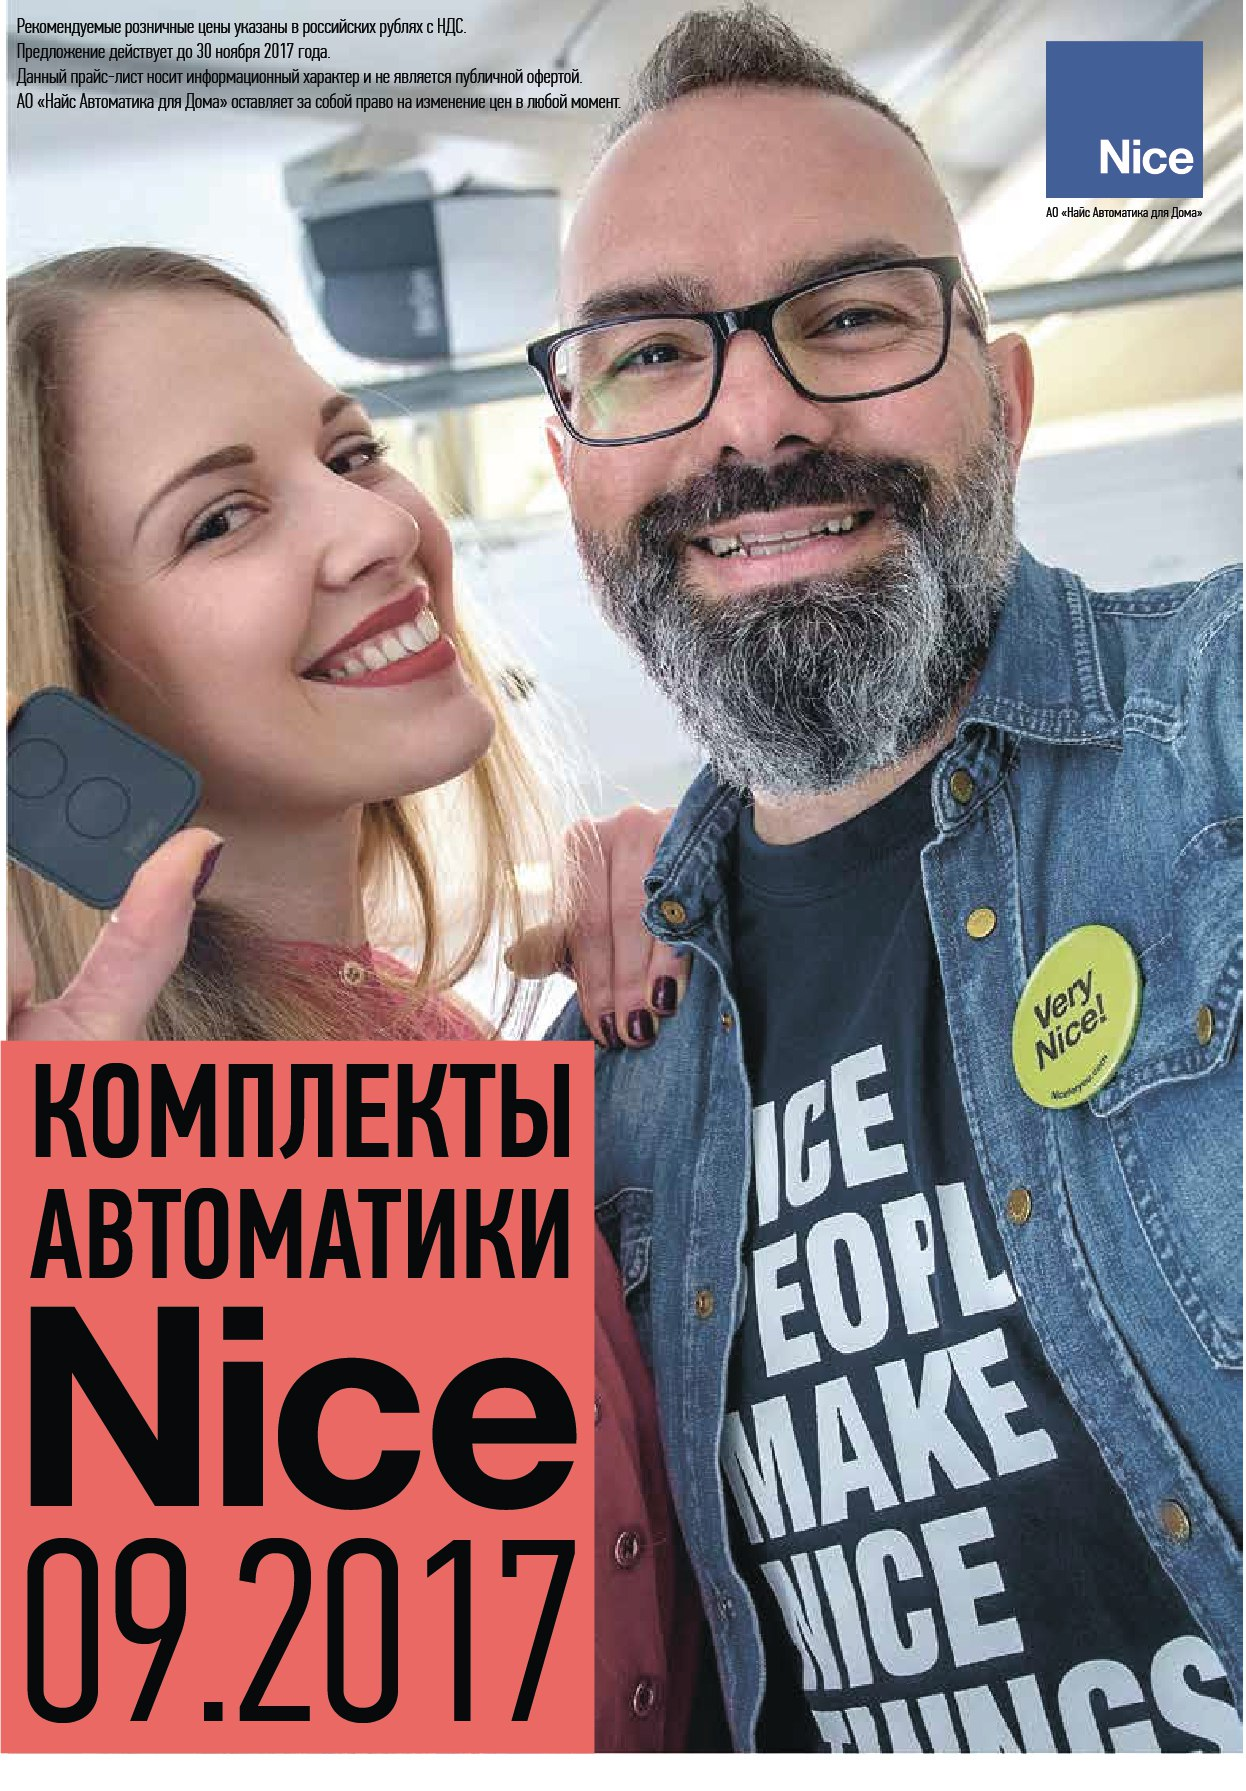 Обновление каталога продукции и брошюры по комплектам автоматики Nice!